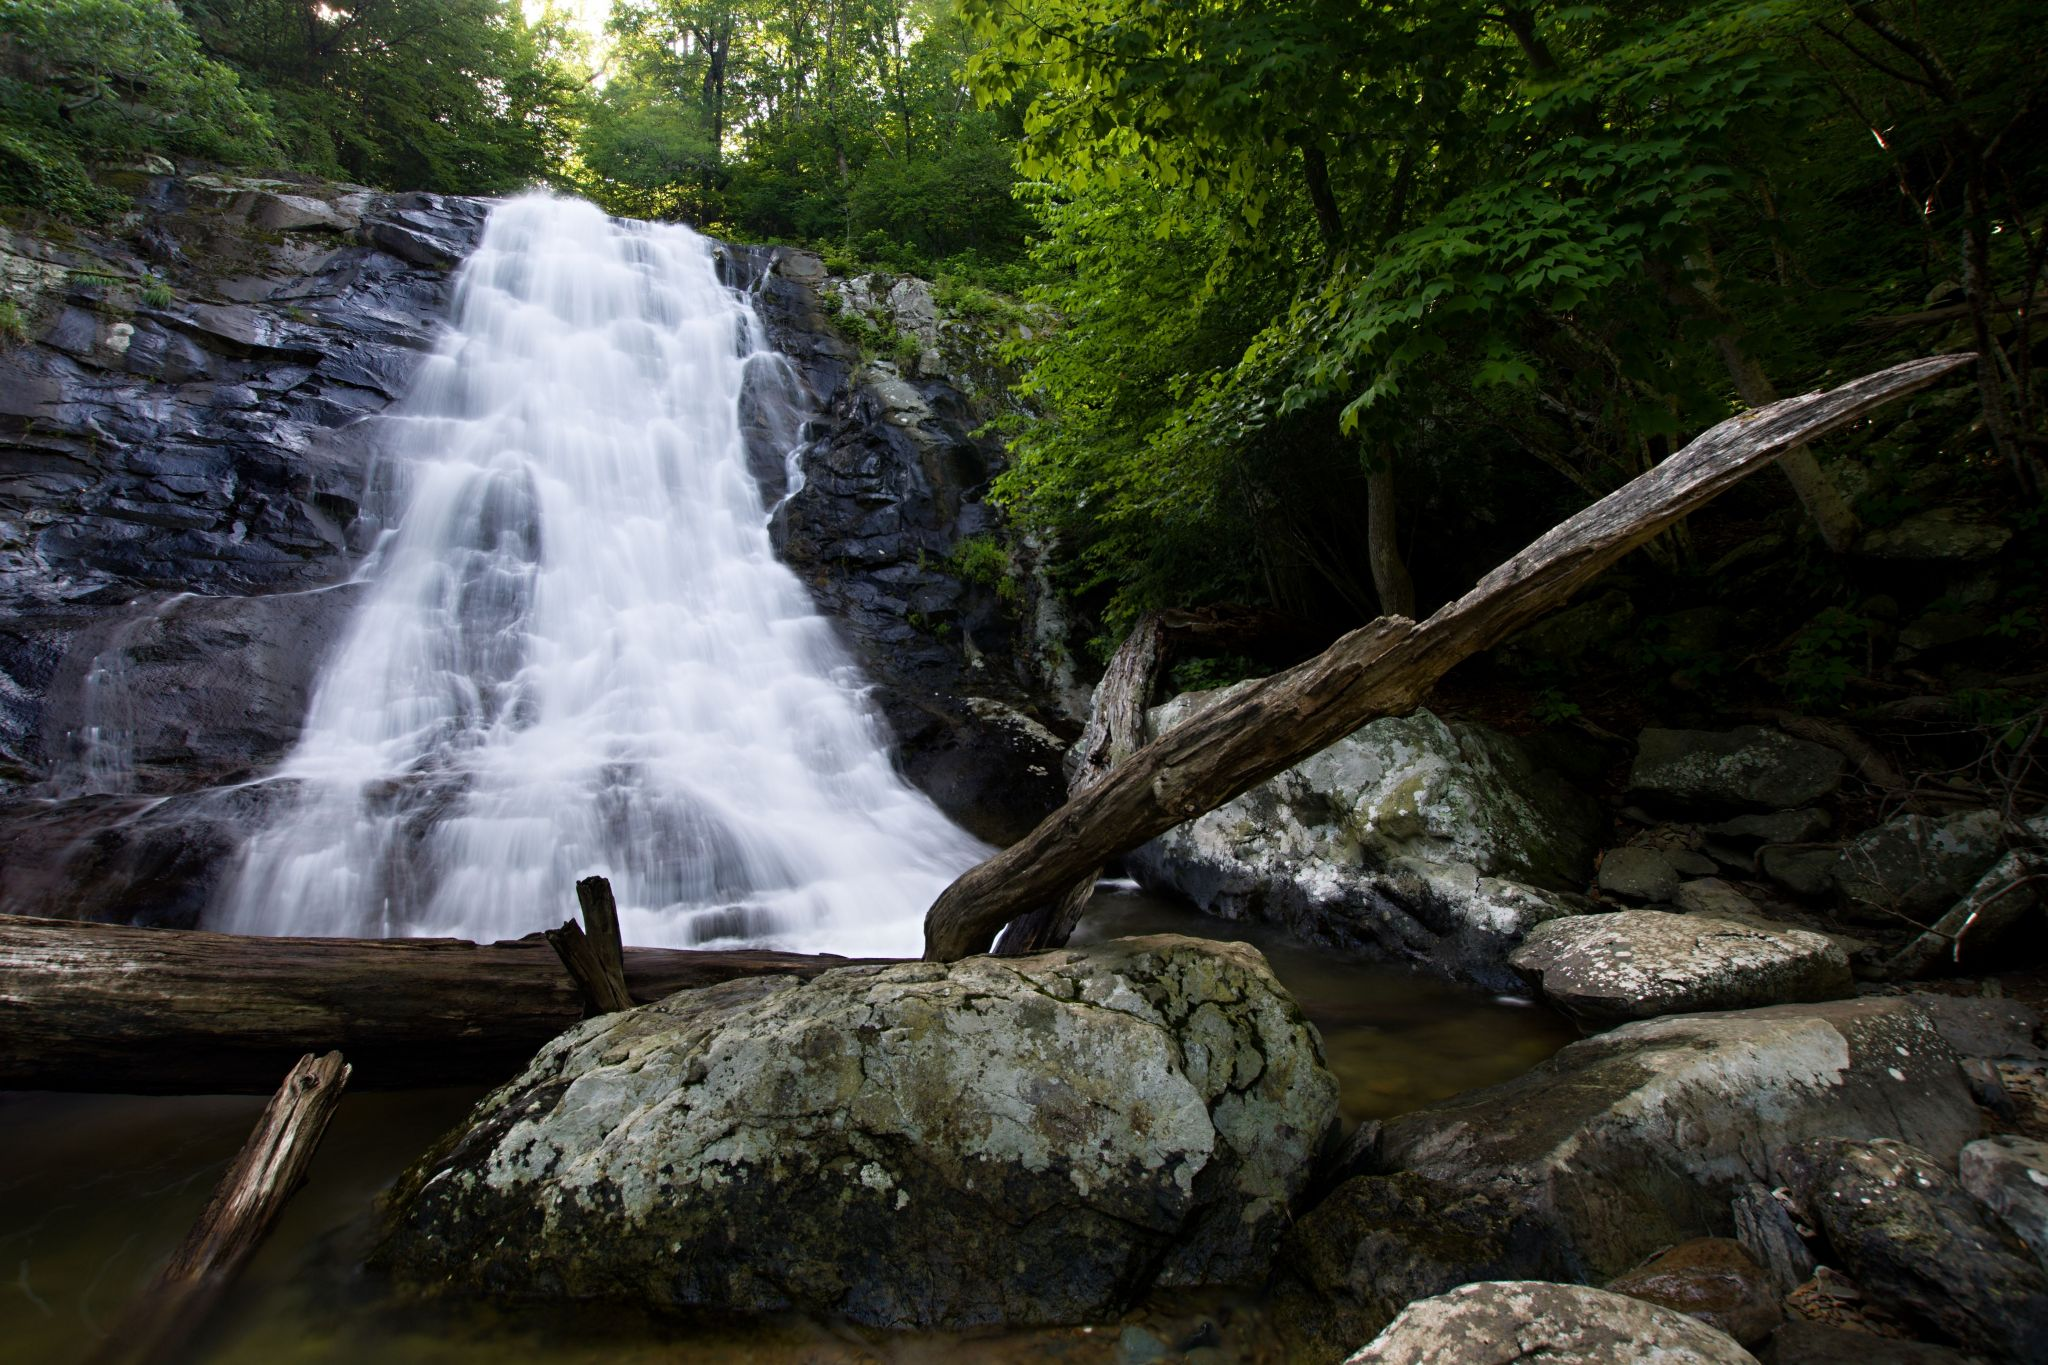 Whiteoak Falls, USA